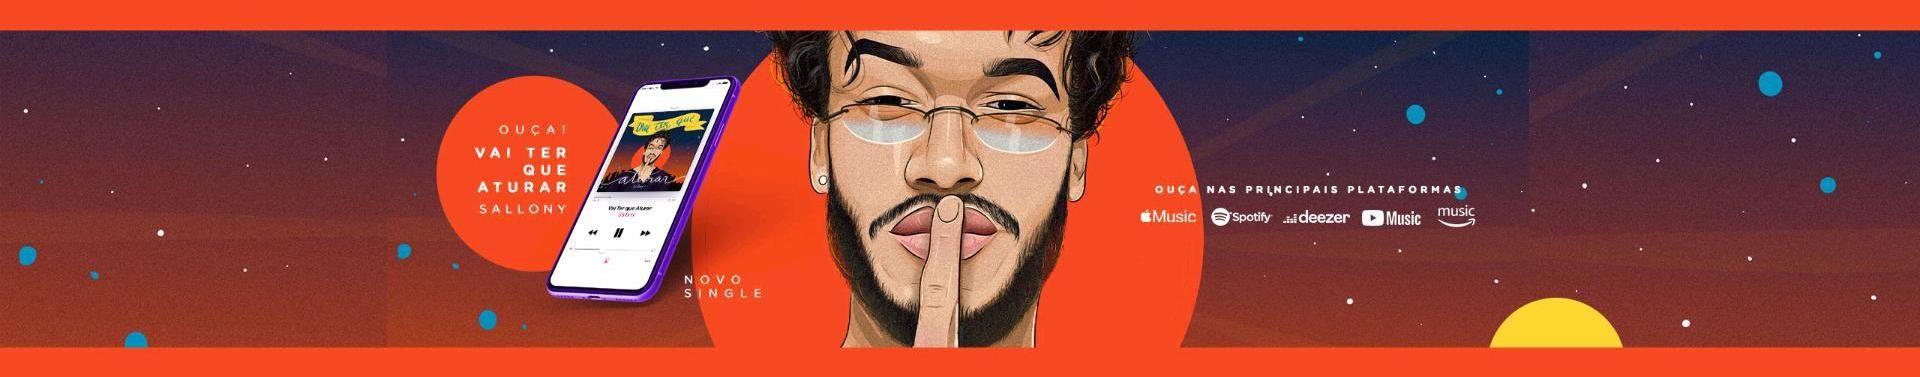 Imagem de capa de Sallony